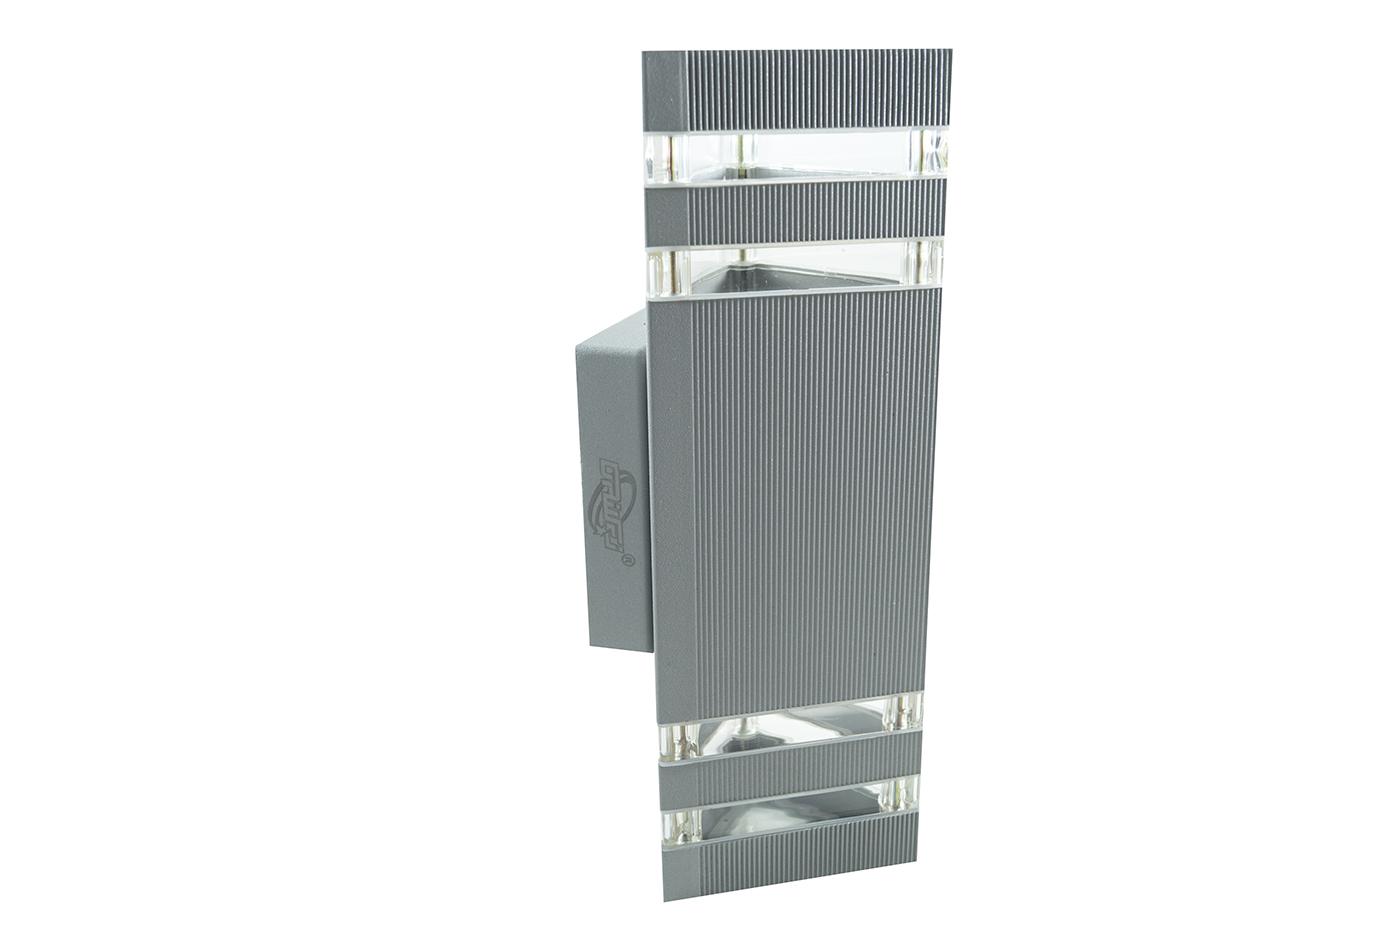 Bes 23454 applique beselettronica applique esterno grigio